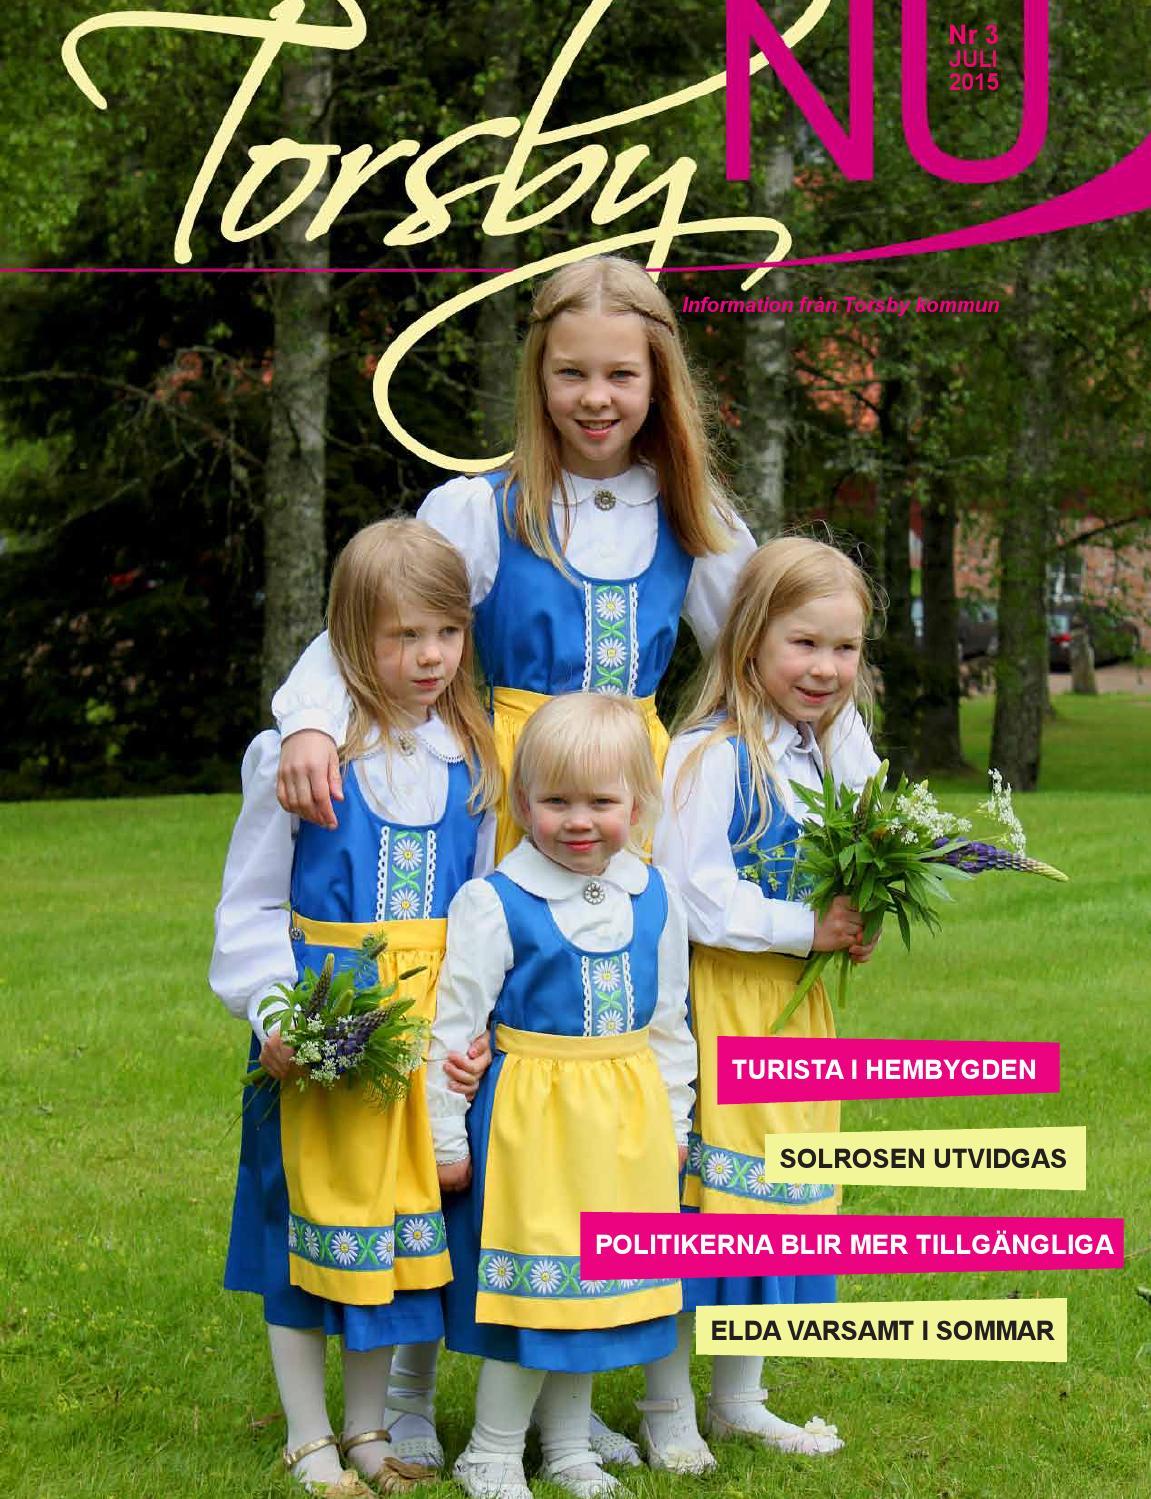 v25 by Torsbybladet - issuu